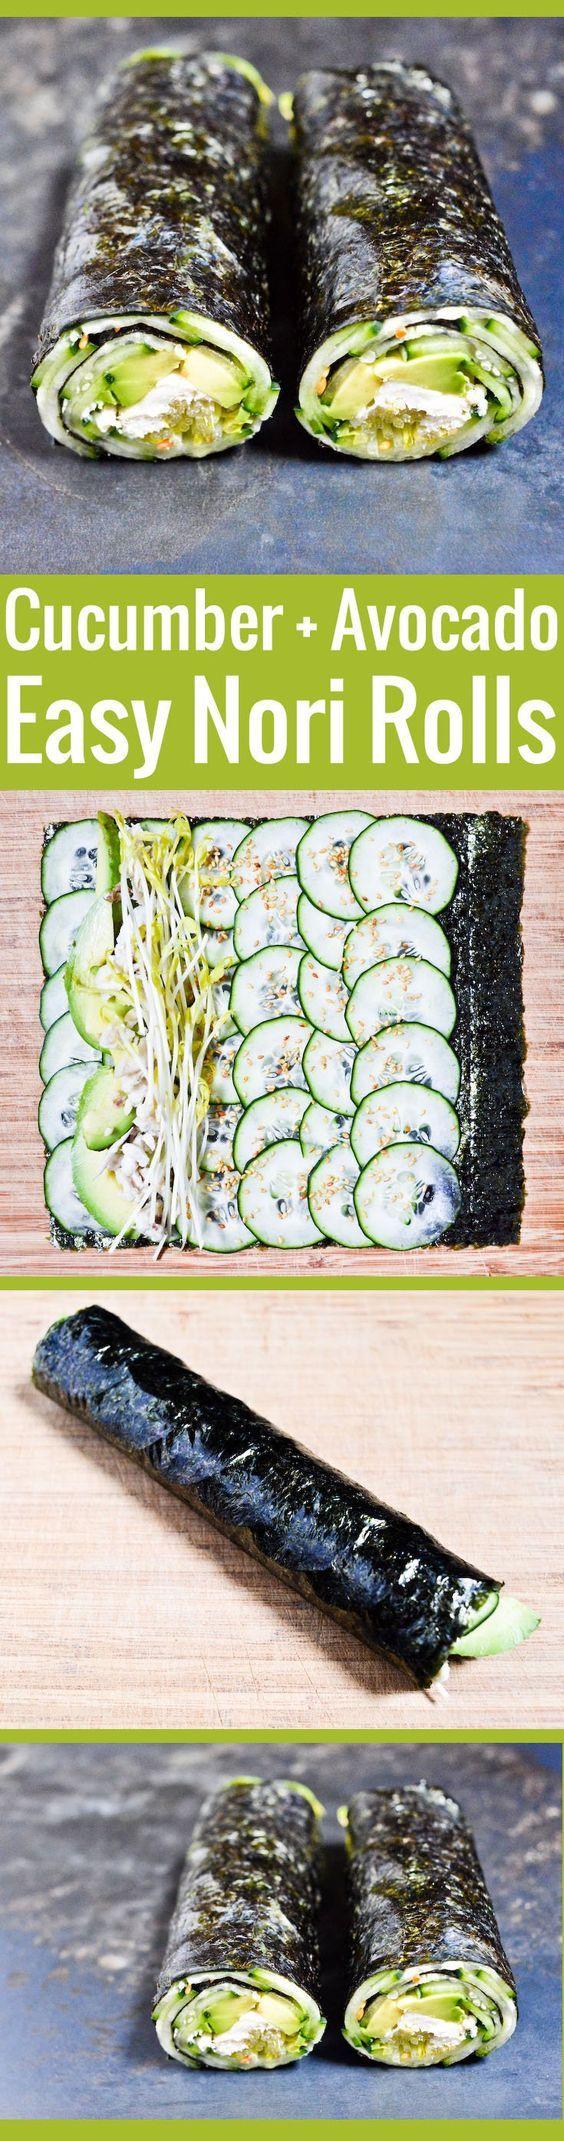 Des rouleaux de nori façon maki, super simples à assembler, pour un déjeuner…: